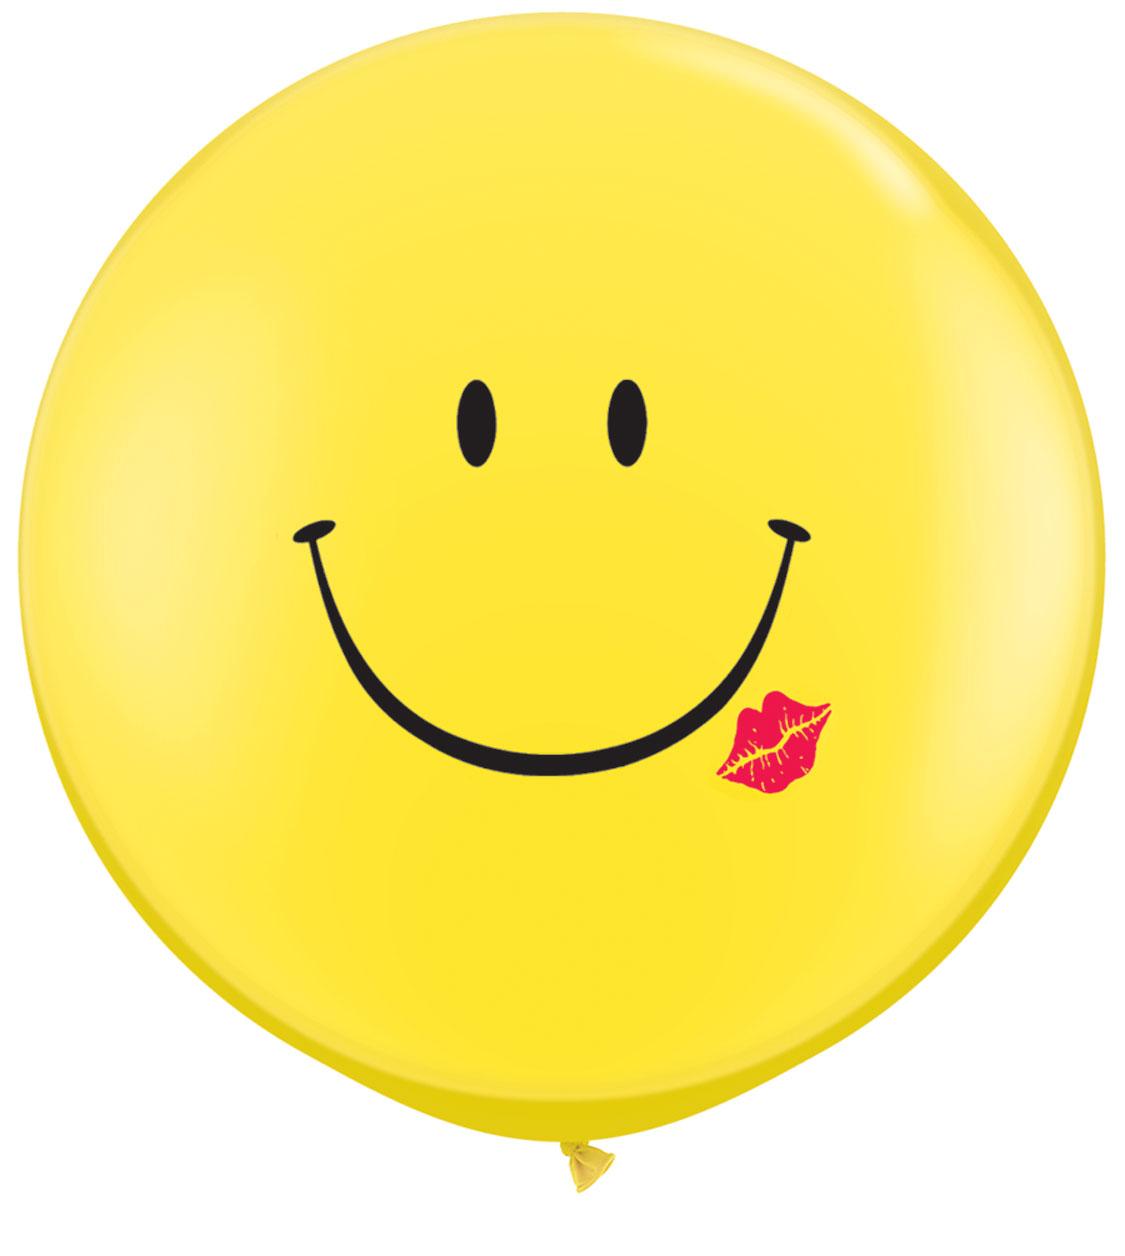 """ลูกโป่งกลมจัมโบ้ไซส์ใหญ่ 36""""Latex Balloon RB Yellow -Print Smily สีเหลืองพิมพ์ลายหน้ายิ้ม / Item No.TQ-28150 แบรนด์ Qualatex"""